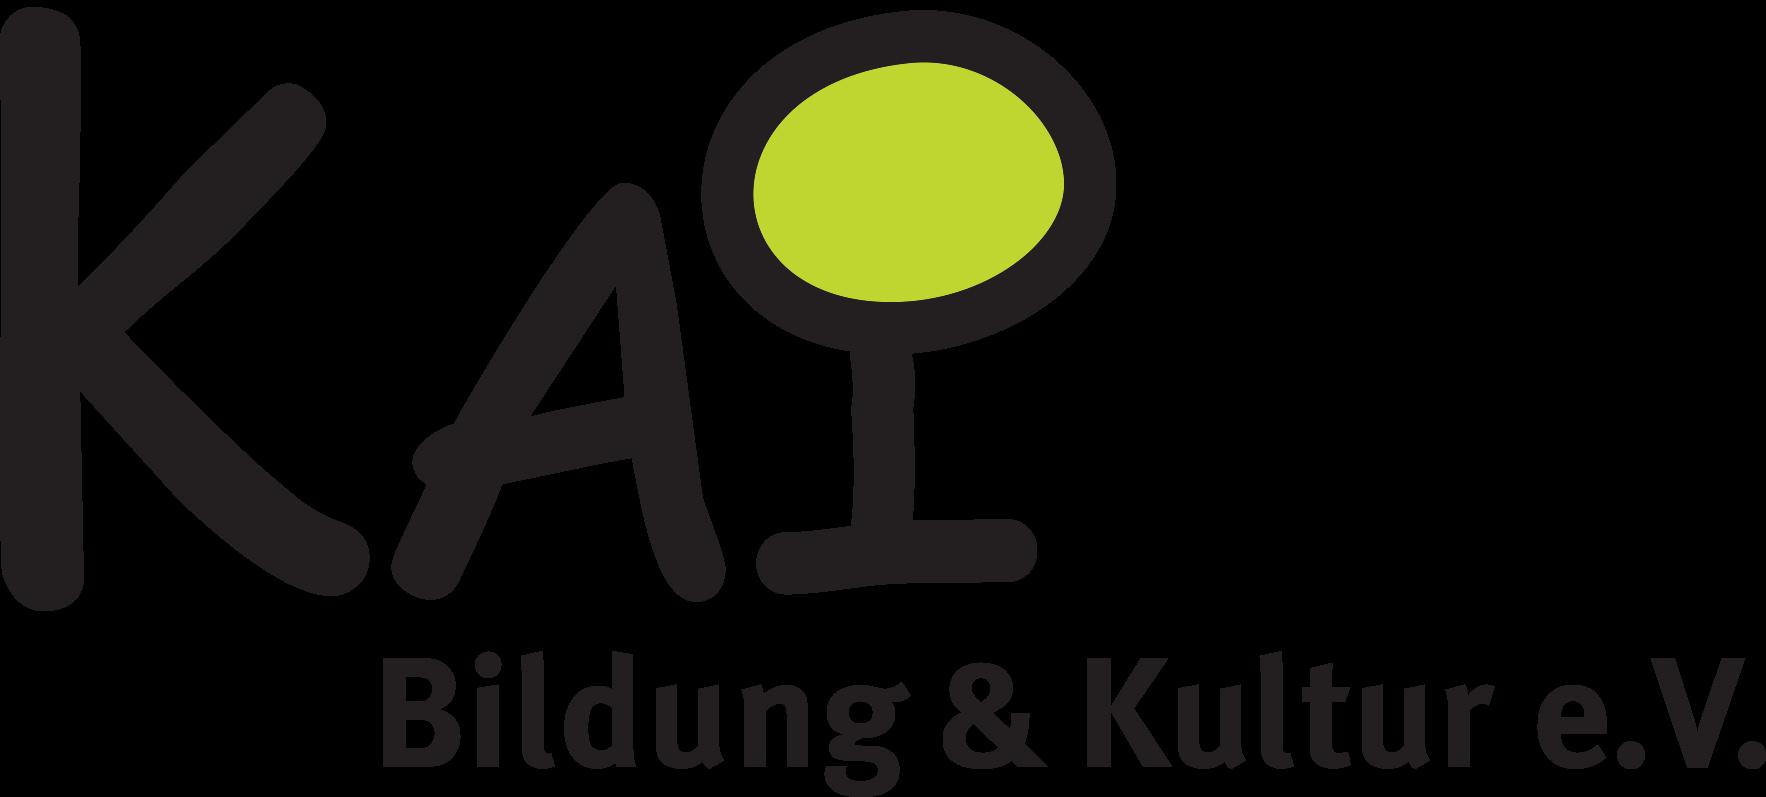 Kai e.V. | Bildung & Kultur